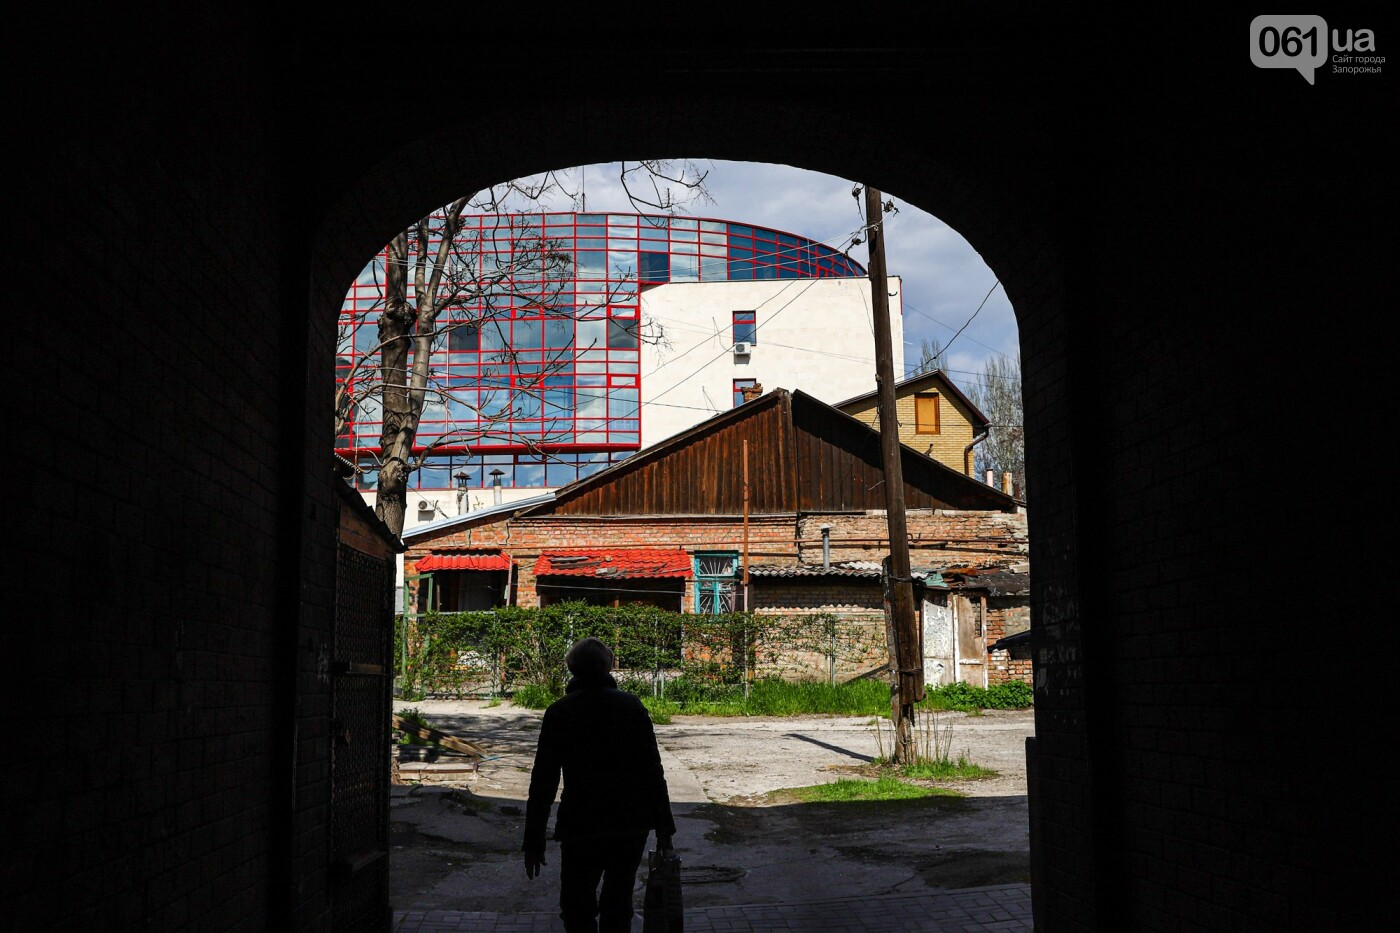 Памятники Старого Александровска: как сейчас выглядит доходный дом Регирера, - ФОТО, фото-26